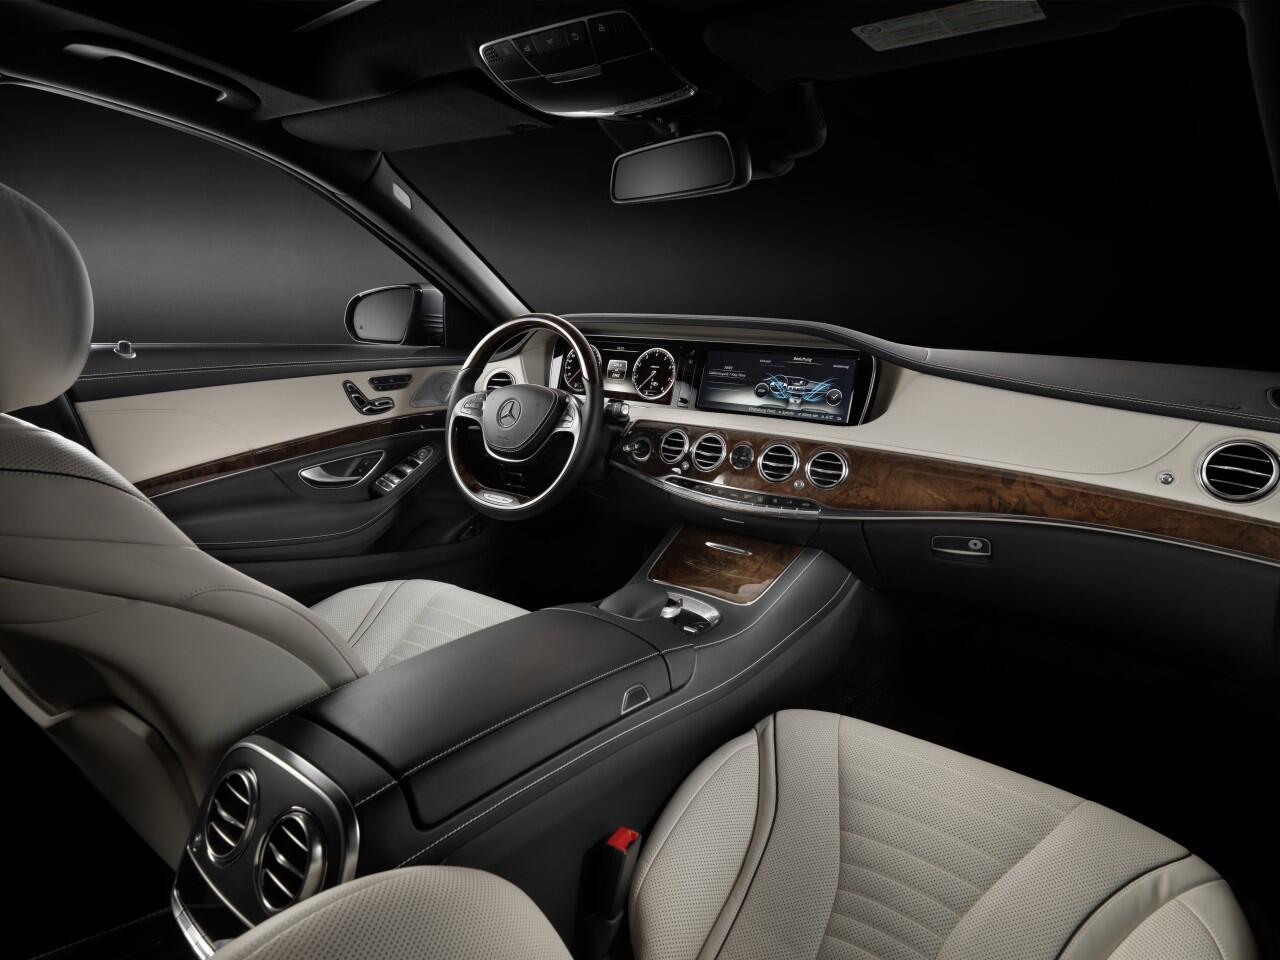 Bild zu Innenreinigung im Auto: Reinigung und Pflege verschiedener Oberflächen